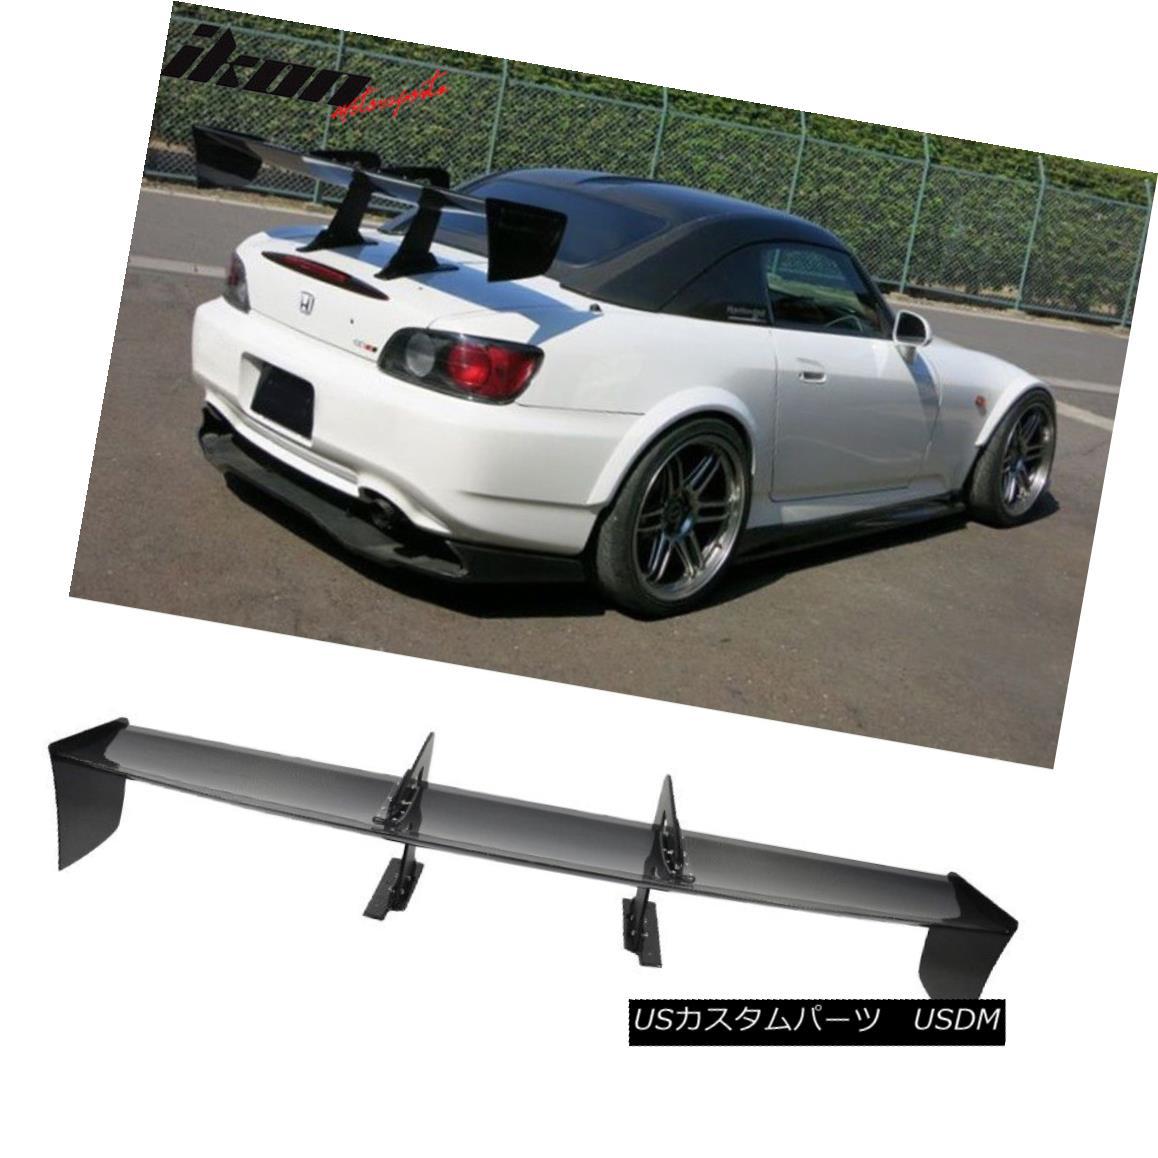 エアロパーツ 65 Inch Spoiler Universal JDM GT Style Wing Real Carbon Fiber CF Race Trunk 65インチ・スポイラーユニバーサルJDM GTスタイル・ウィング・リアルカーボンファイバーCFレーストランク